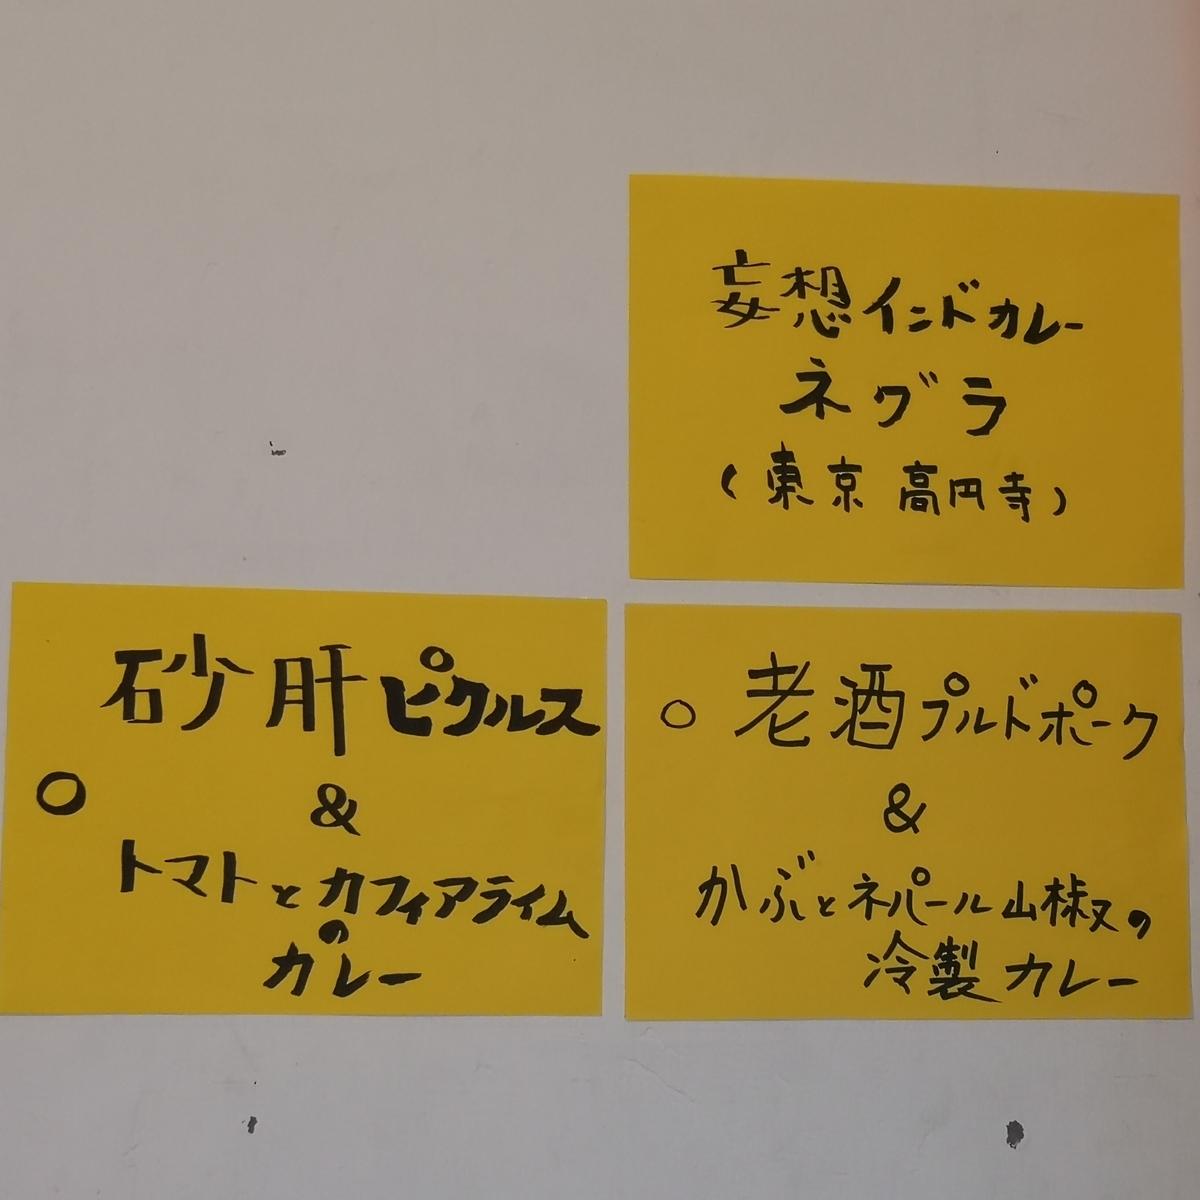 ネグラ 東京高円寺